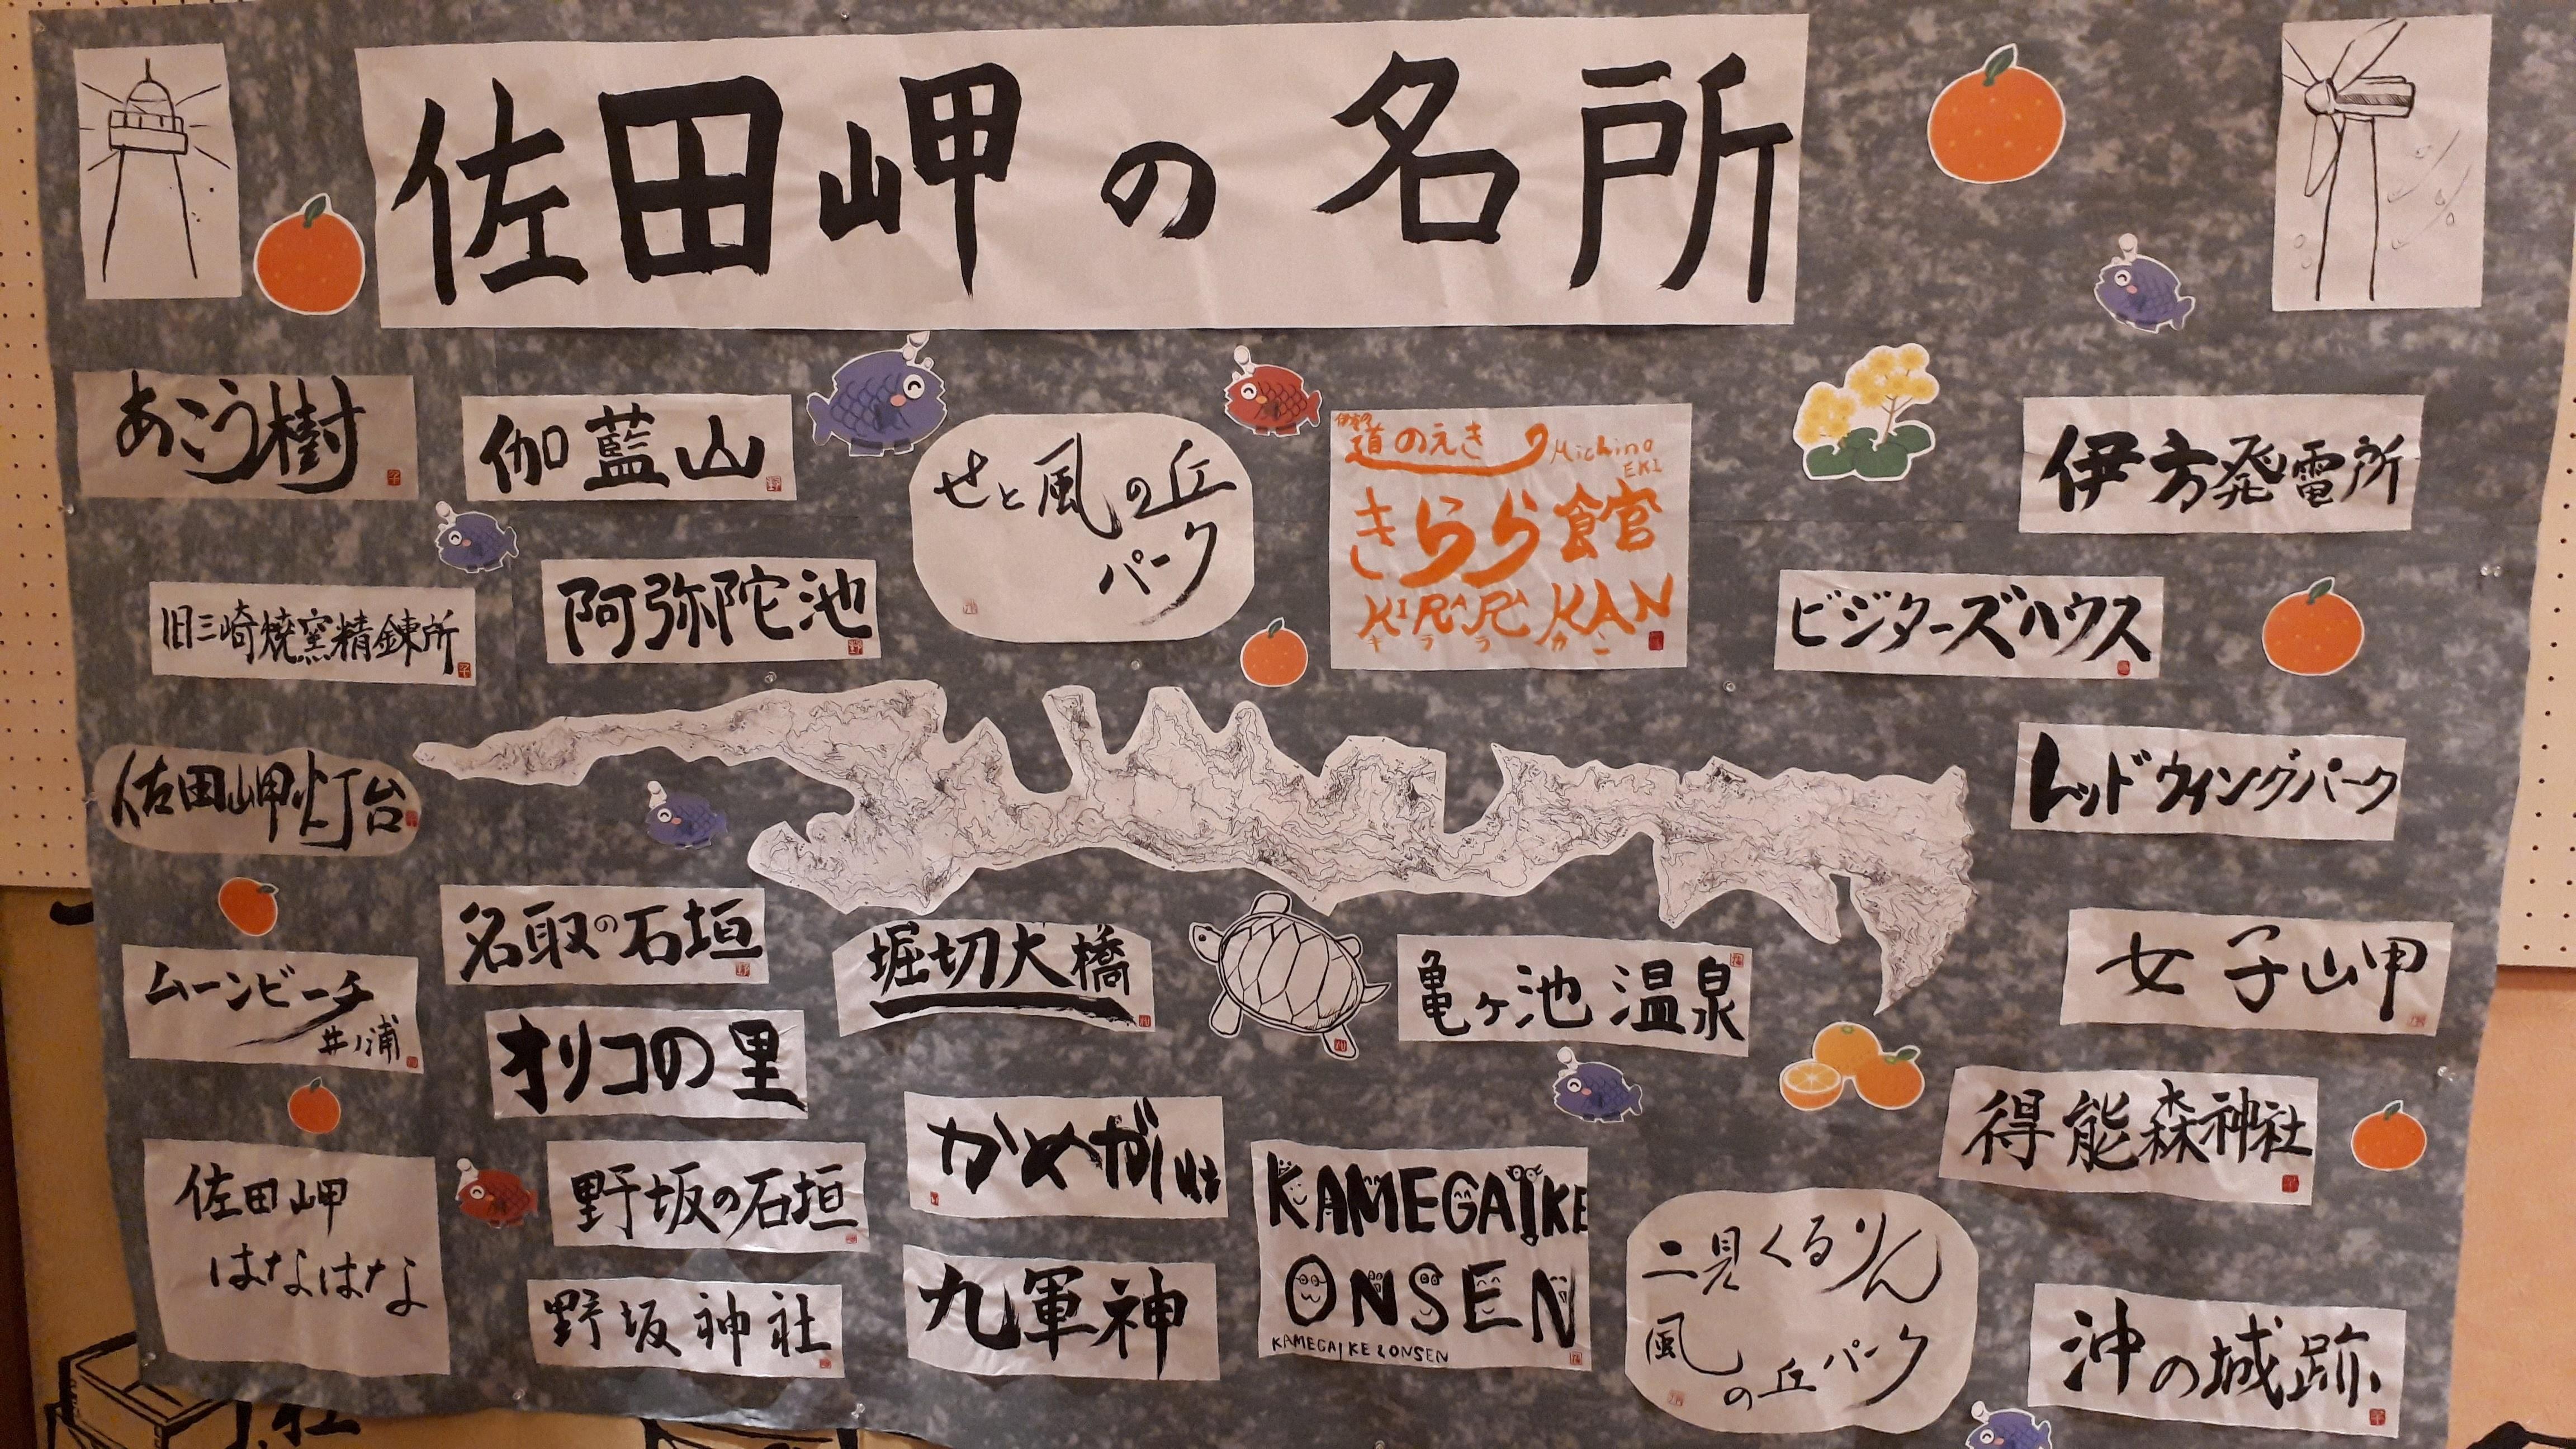 【まとめ記事】日本一細長い半島「佐田岬半島」(伊方町)の名所をまとめてみたよ!